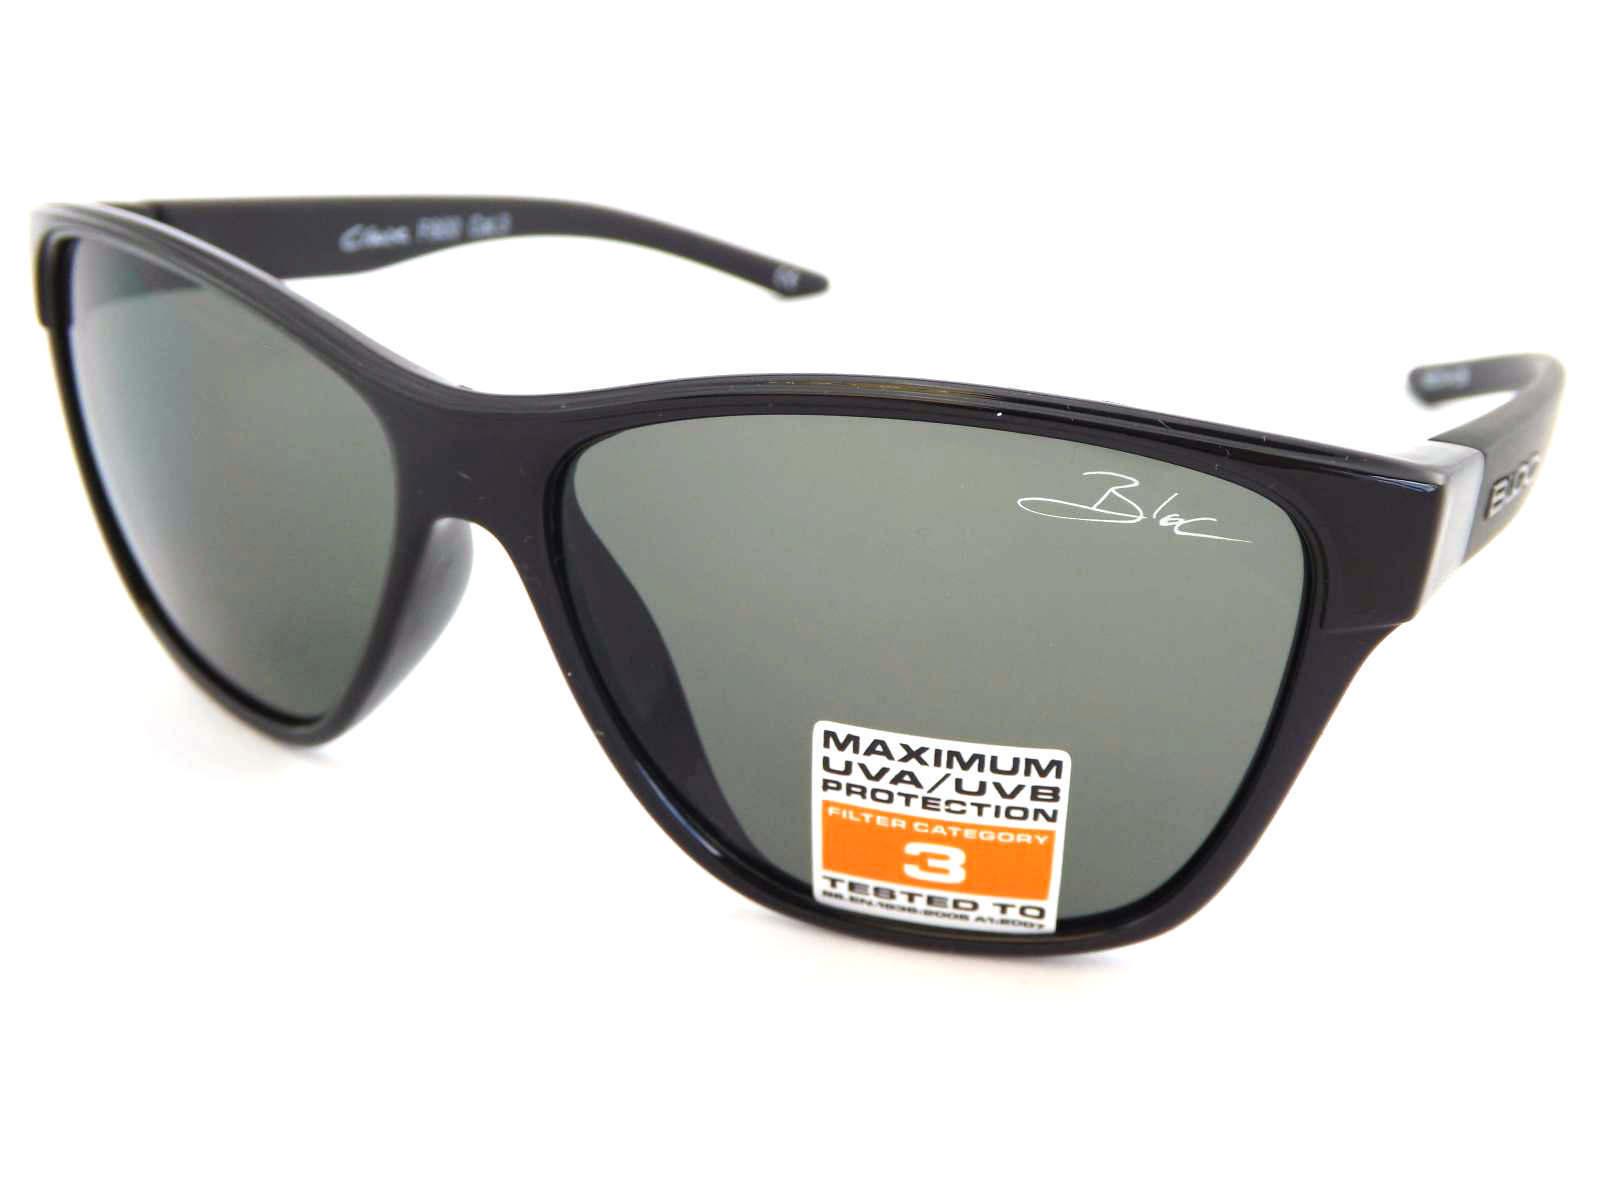 d67ac9a7404 Main Description. Bloc  Cruise  Sunglasses. Frame  Polished Black with Matte  ...